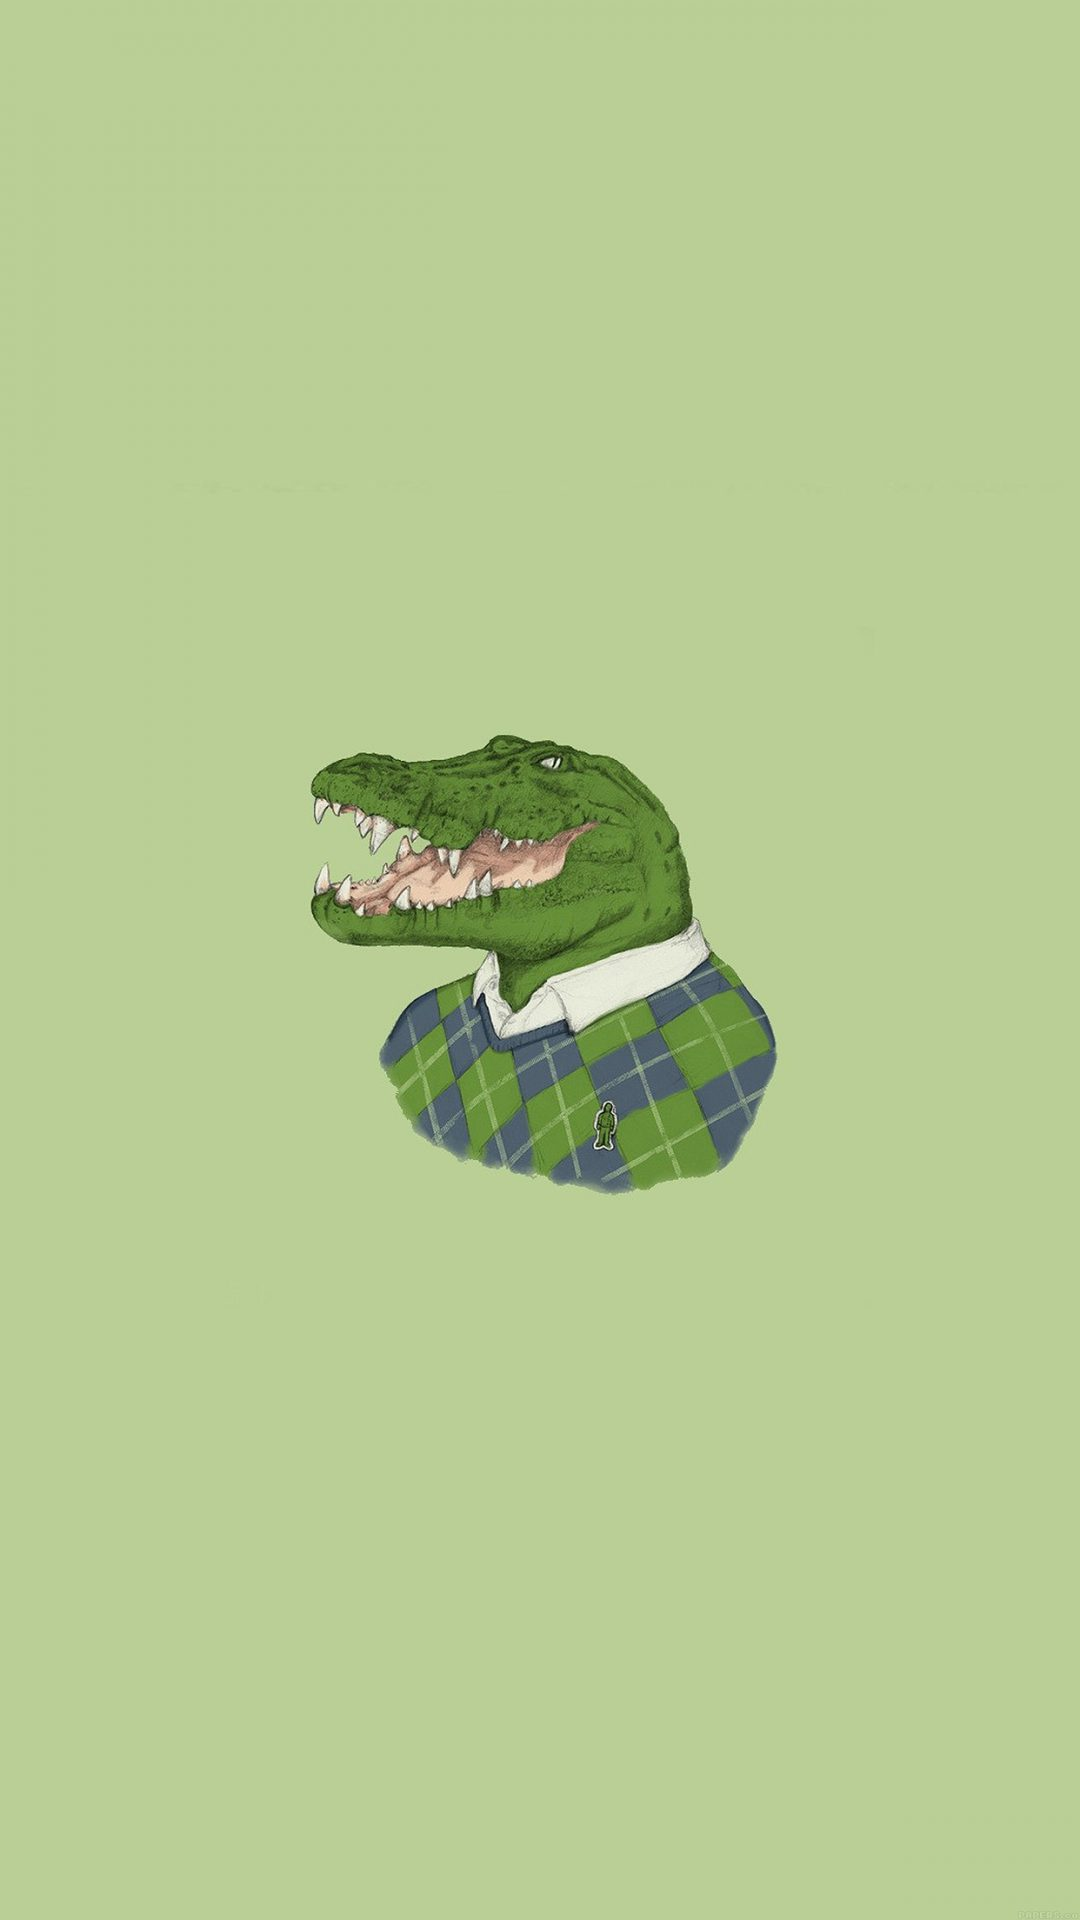 Lacoste Human Animal Minimal Art Illust Green